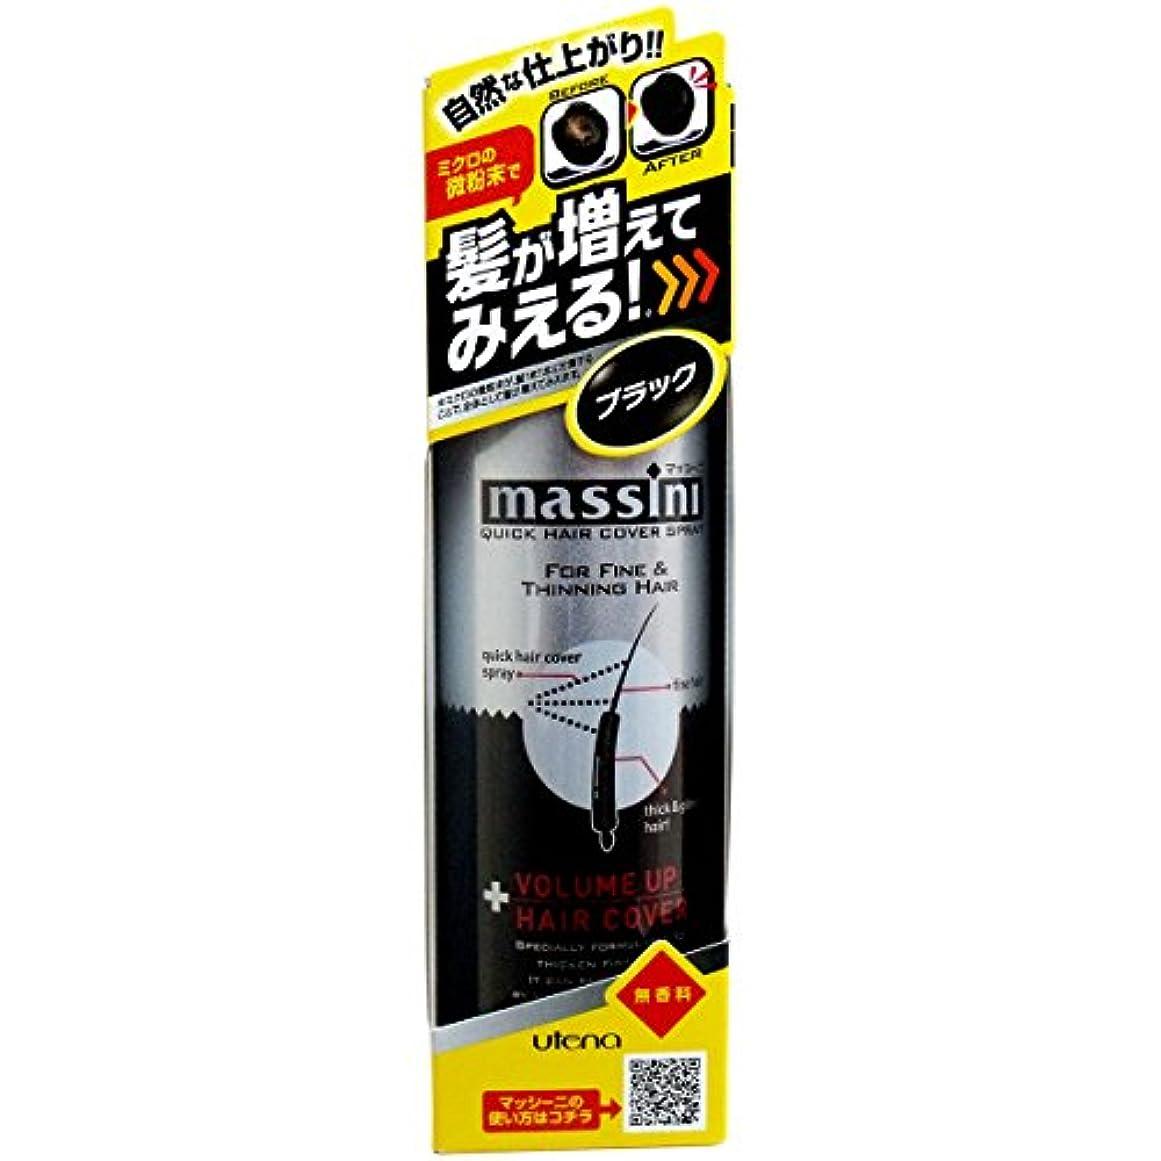 タービン無駄な幸運な【ウテナ】マッシーニ クィックヘアカバースプレー(ブラック) 140g ×5個セット